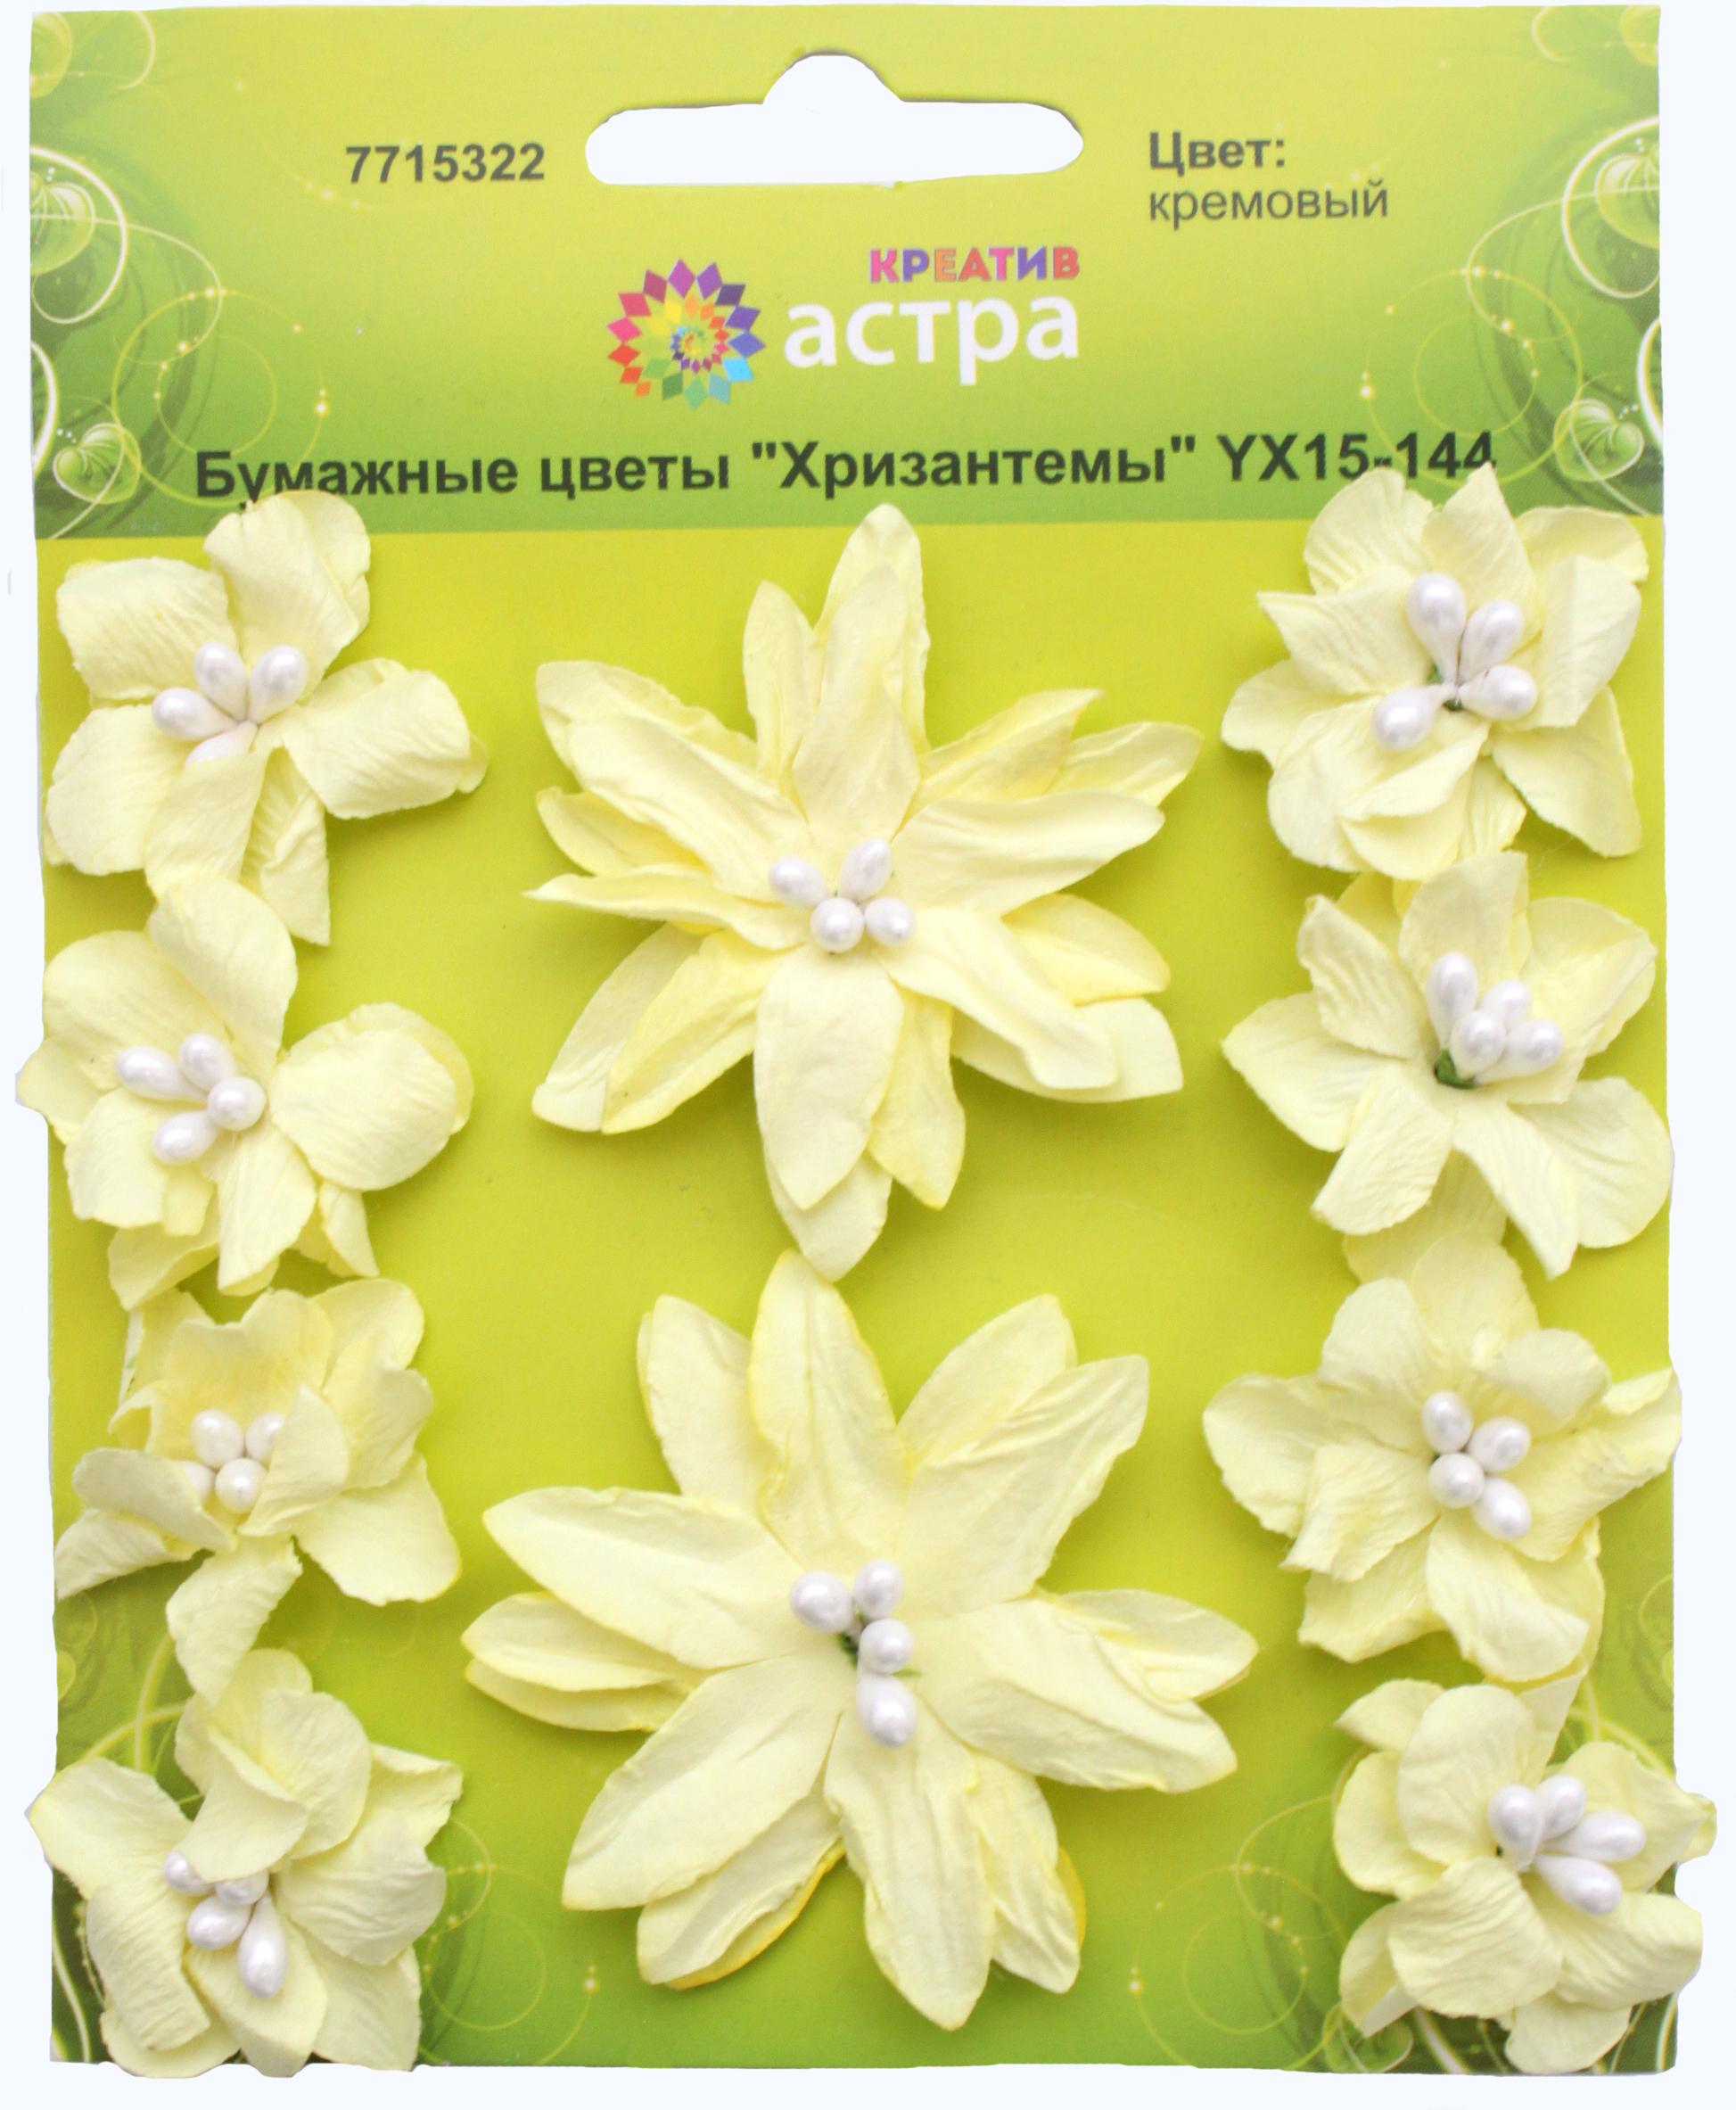 Набор декоративных цветов Астра Хризантемы, цвет: кремовый, 3 х 5 см, 10 шт7715322_кремовыйХризантемы изготовлены из шелковичной бумаги. Бумажные цветы - популярное и недорогое украшение в скрапбукинге и других творческих техниках. Диаметр цветков: 3 см, 5 см.В наборе 10 шт.